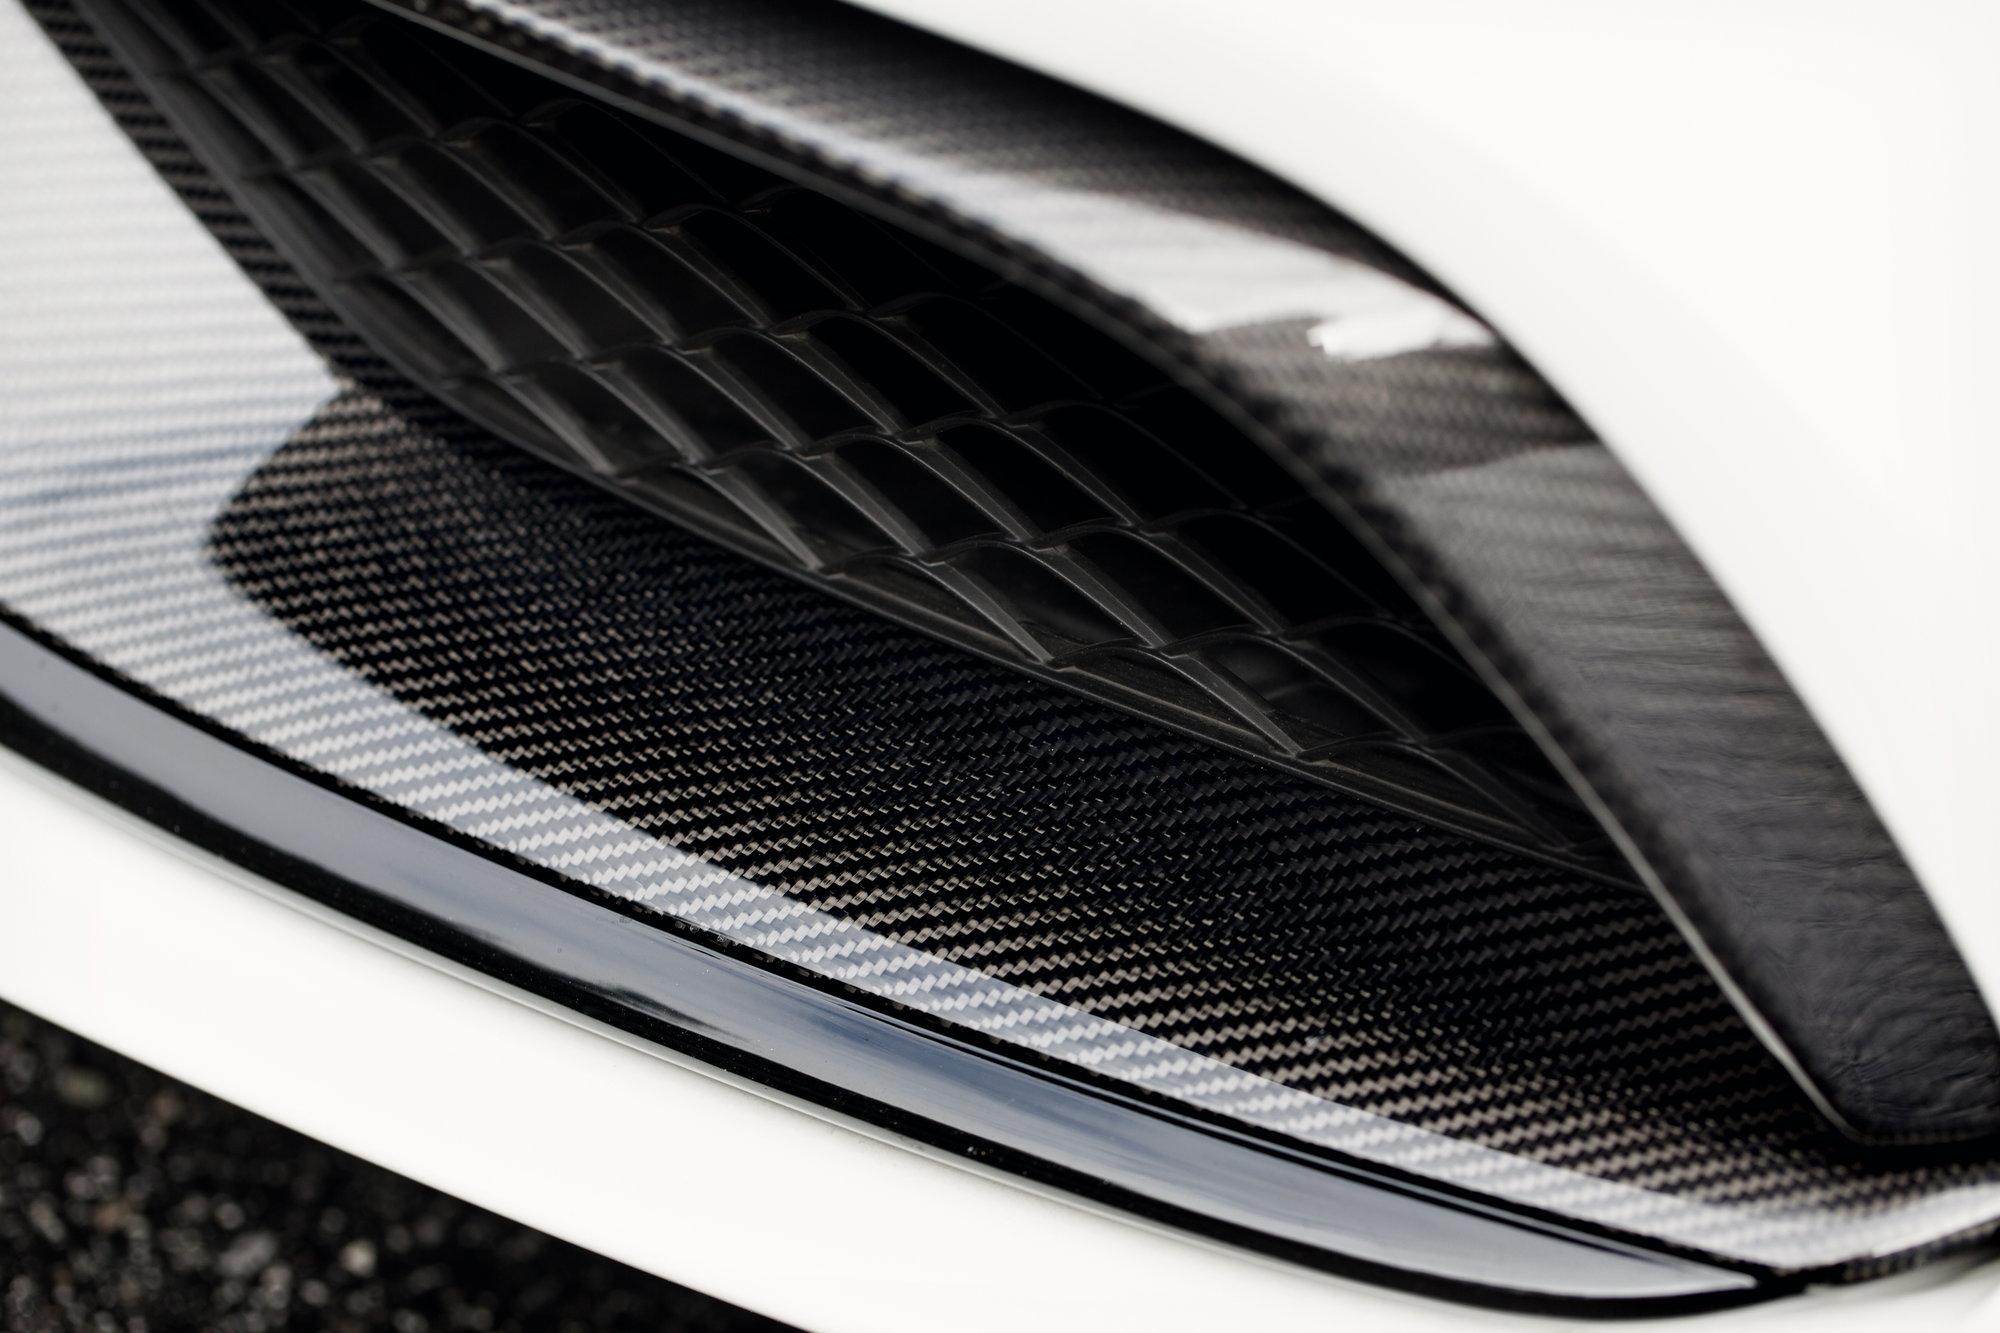 C63(s) Sedan Carbon Fibre Collection by Mode Carbon